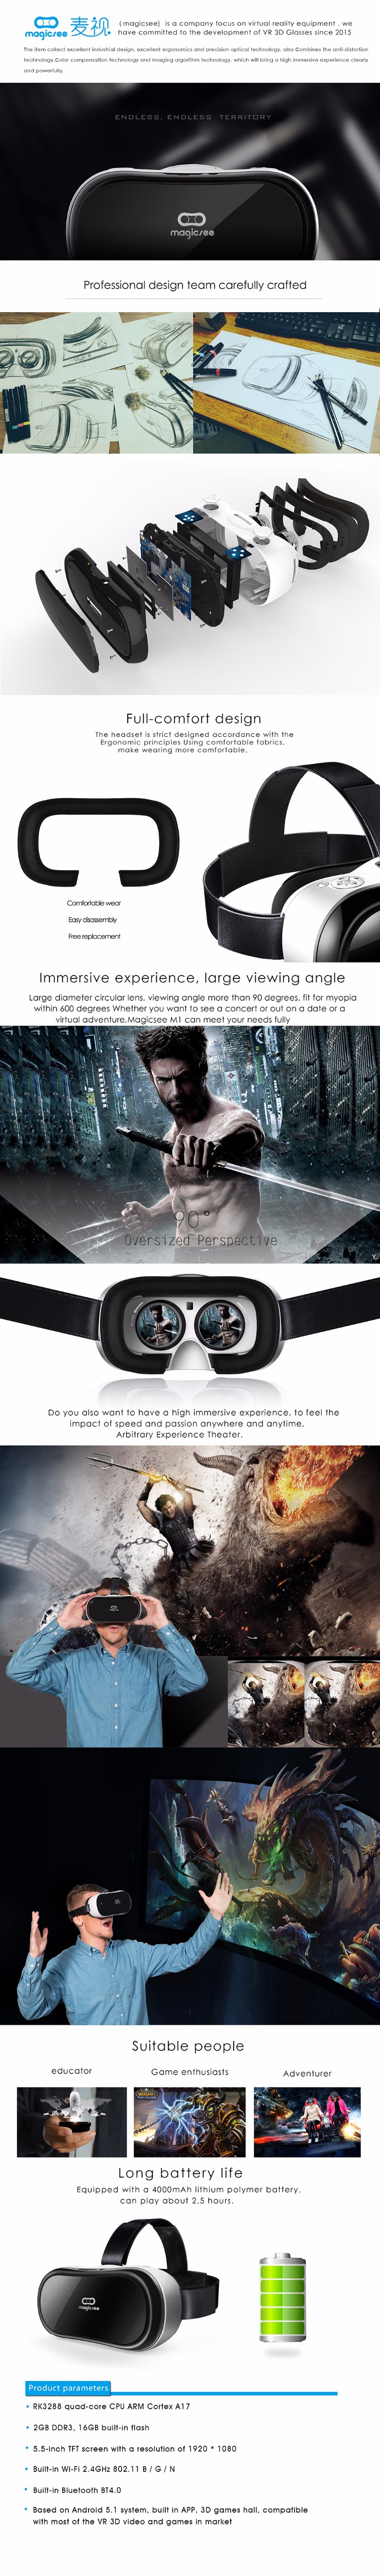 ถูก 2016ใหม่Magicsee M1 3Dแว่นตาทั้งหมดในหนึ่งVR Android 5.1ความจริงเสมือนRK3288 Quad Core 5.5นิ้วVRกล่องแว่นตา3Dภาพยนตร์เกม